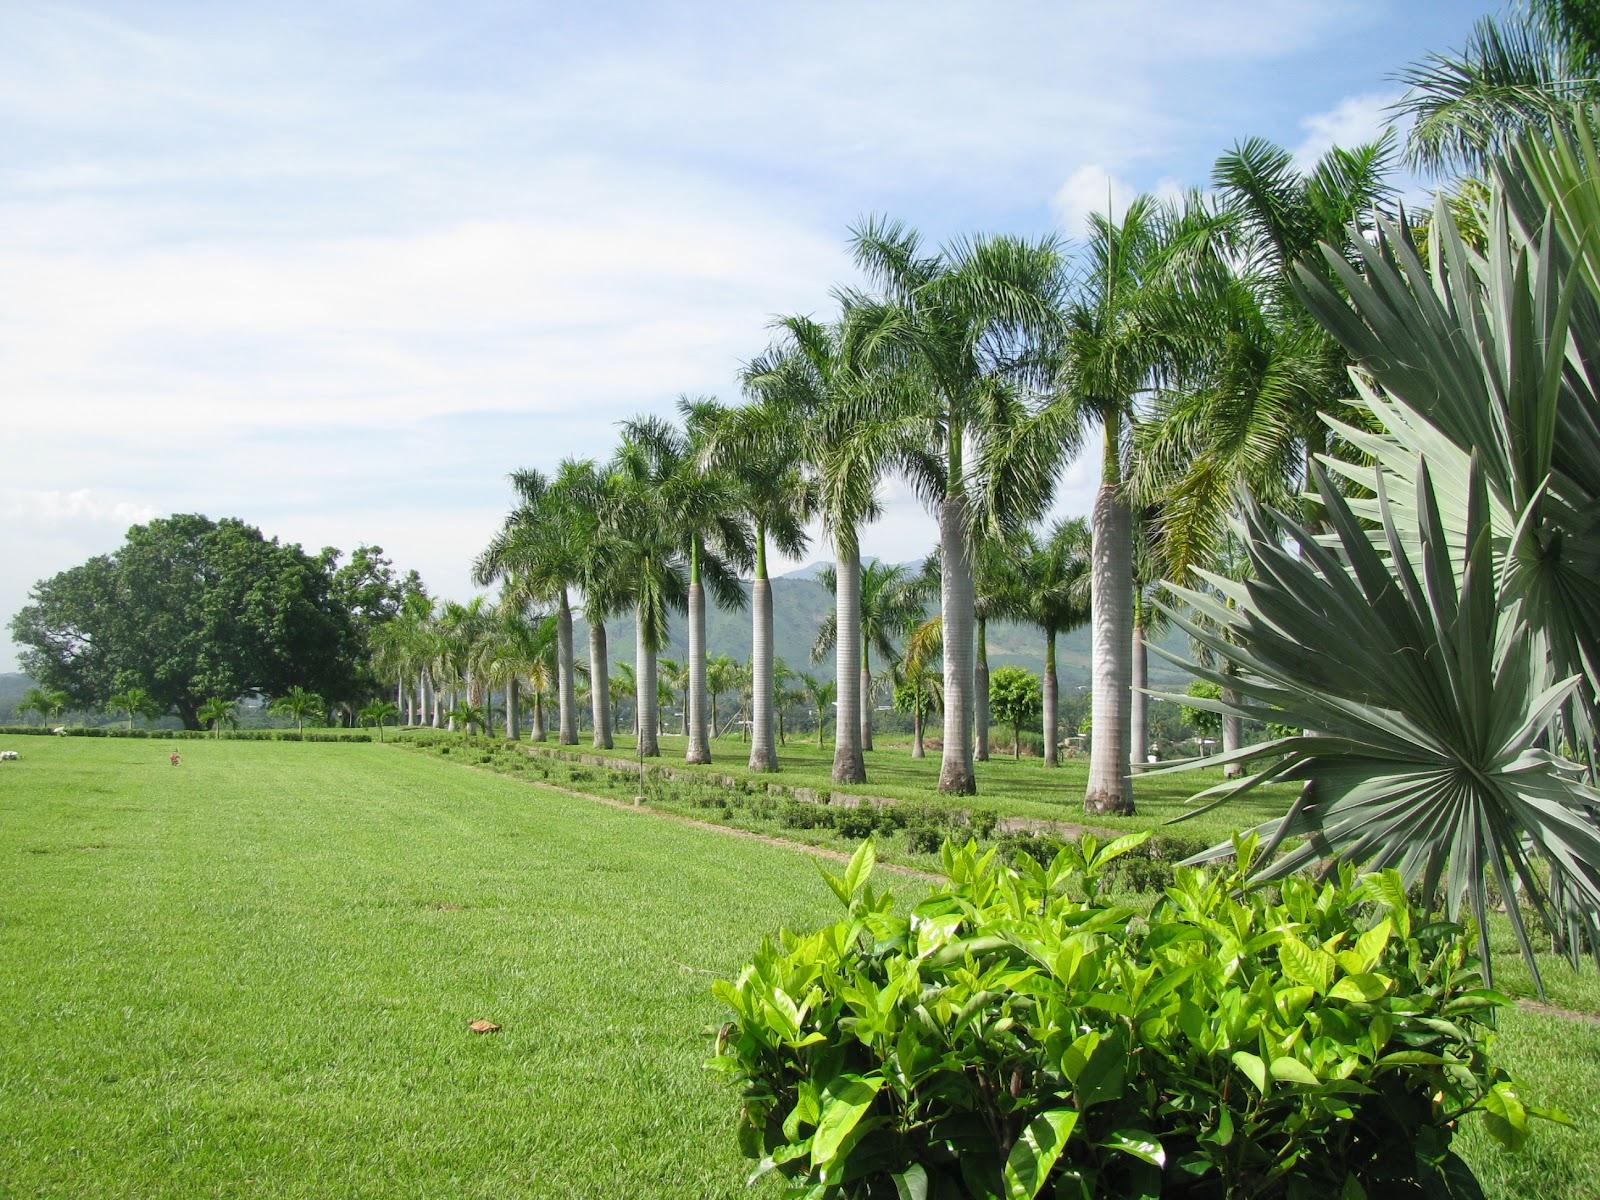 Parque jard n los olivos cementerios privados vs for Cementerio parque jardin del sol pilar